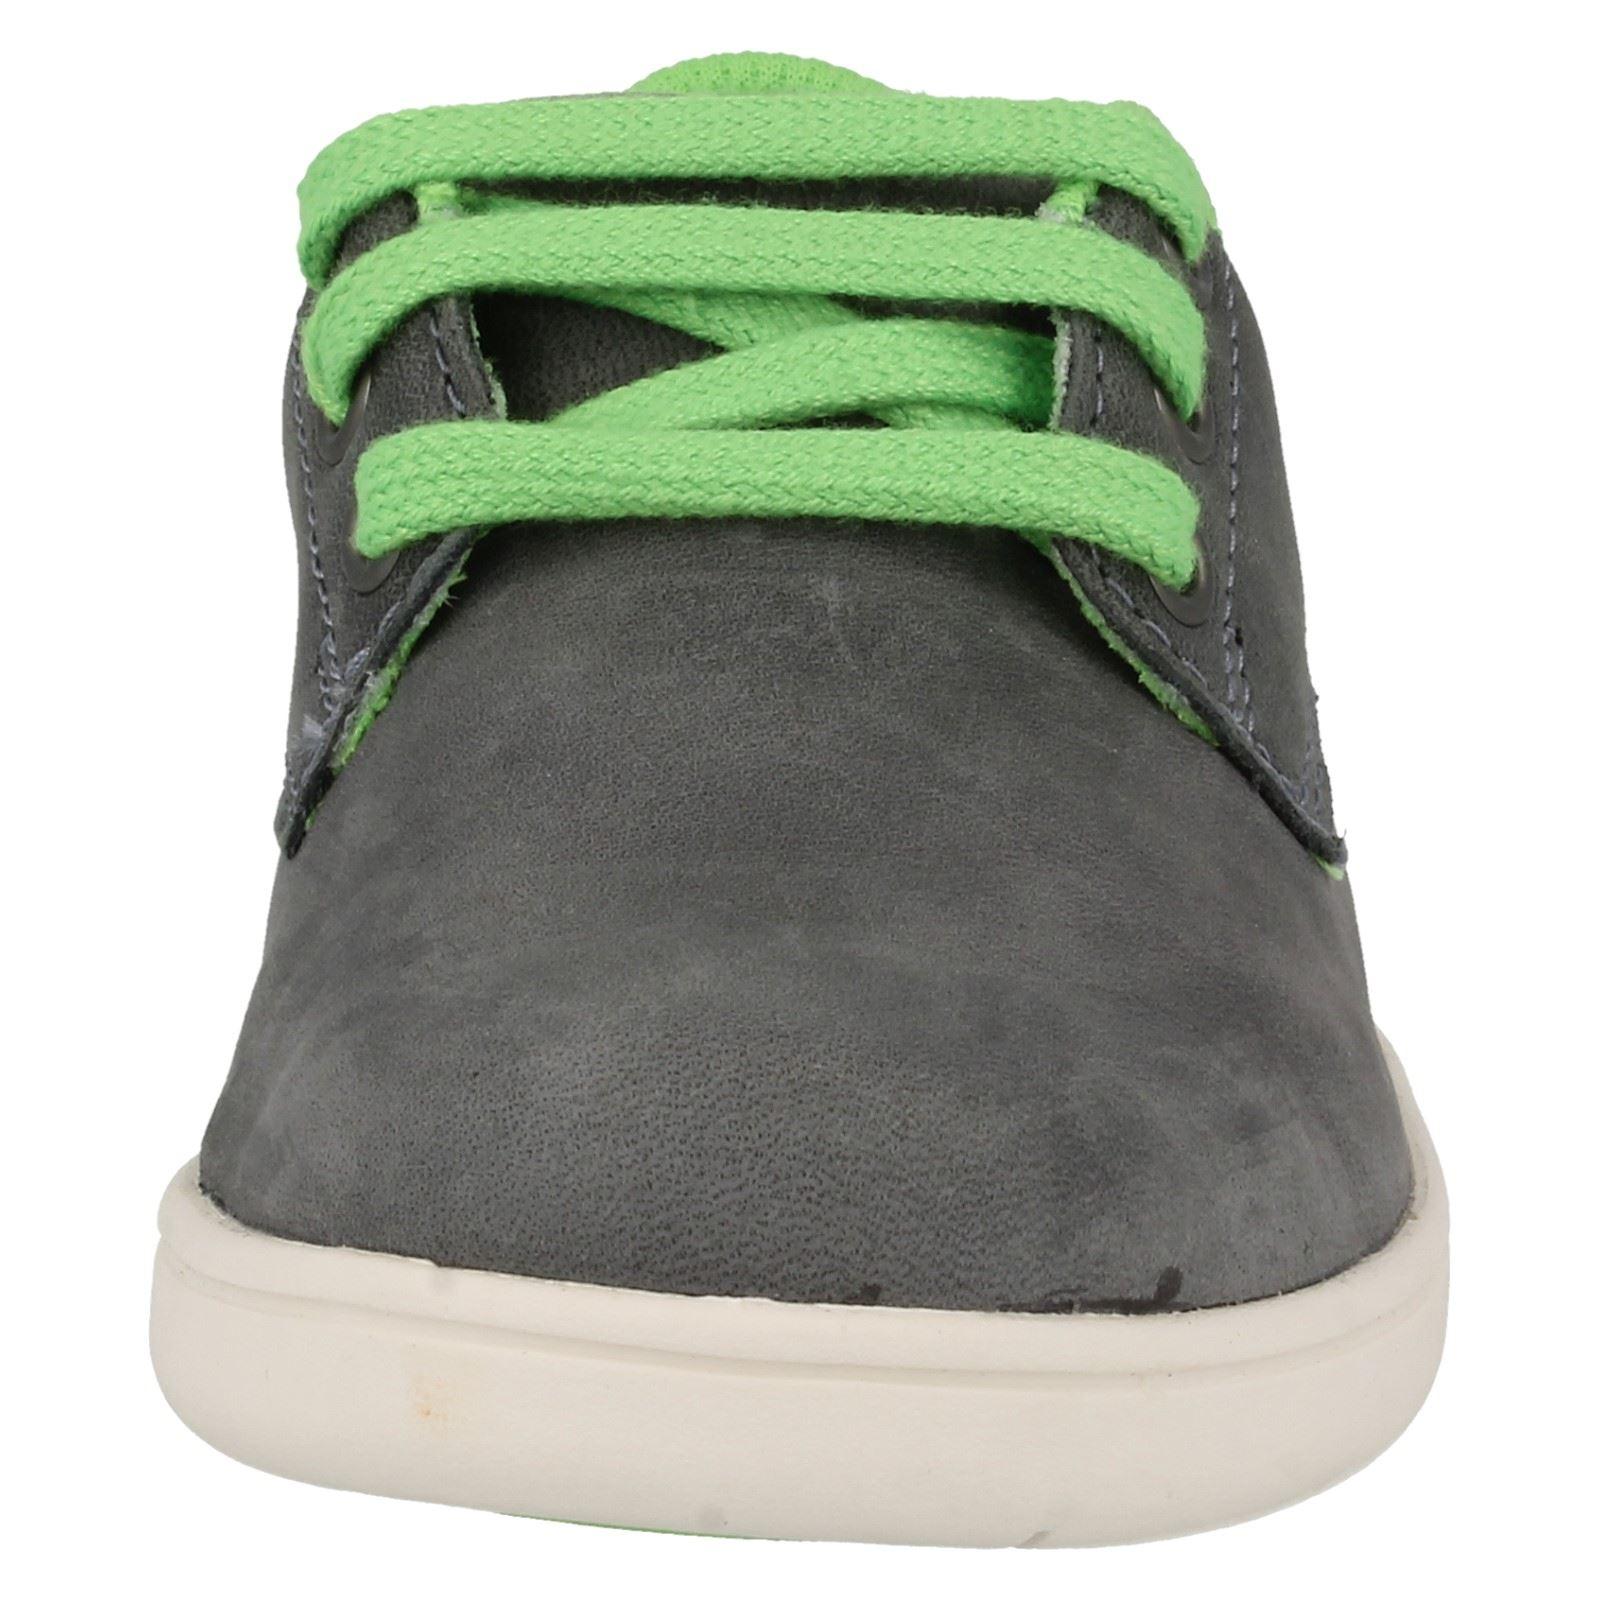 Chicos Clarks Zapatos Informales con Cordones Holbay Divertido